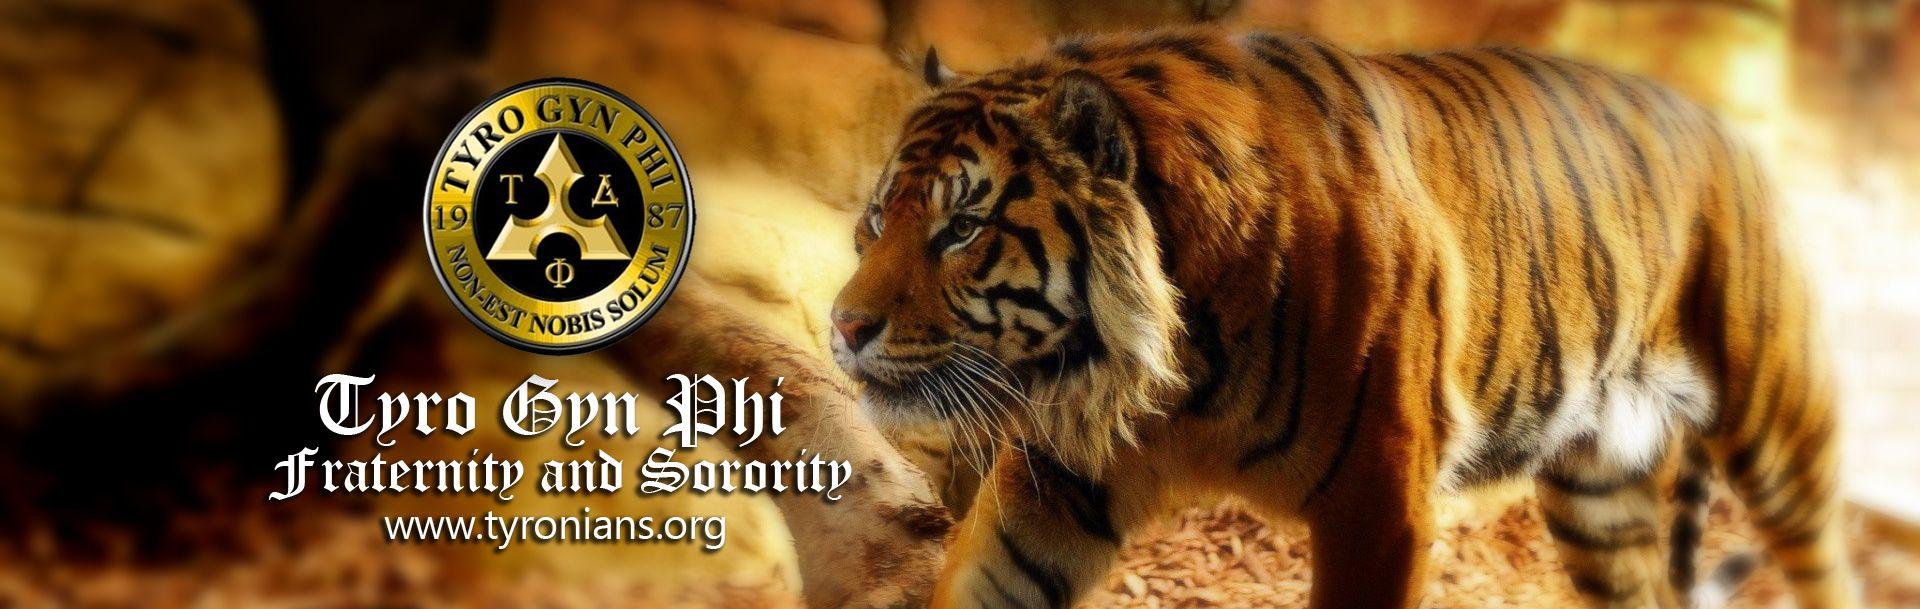 Tyro Gyn phi Fraternity and Sorority Tyro